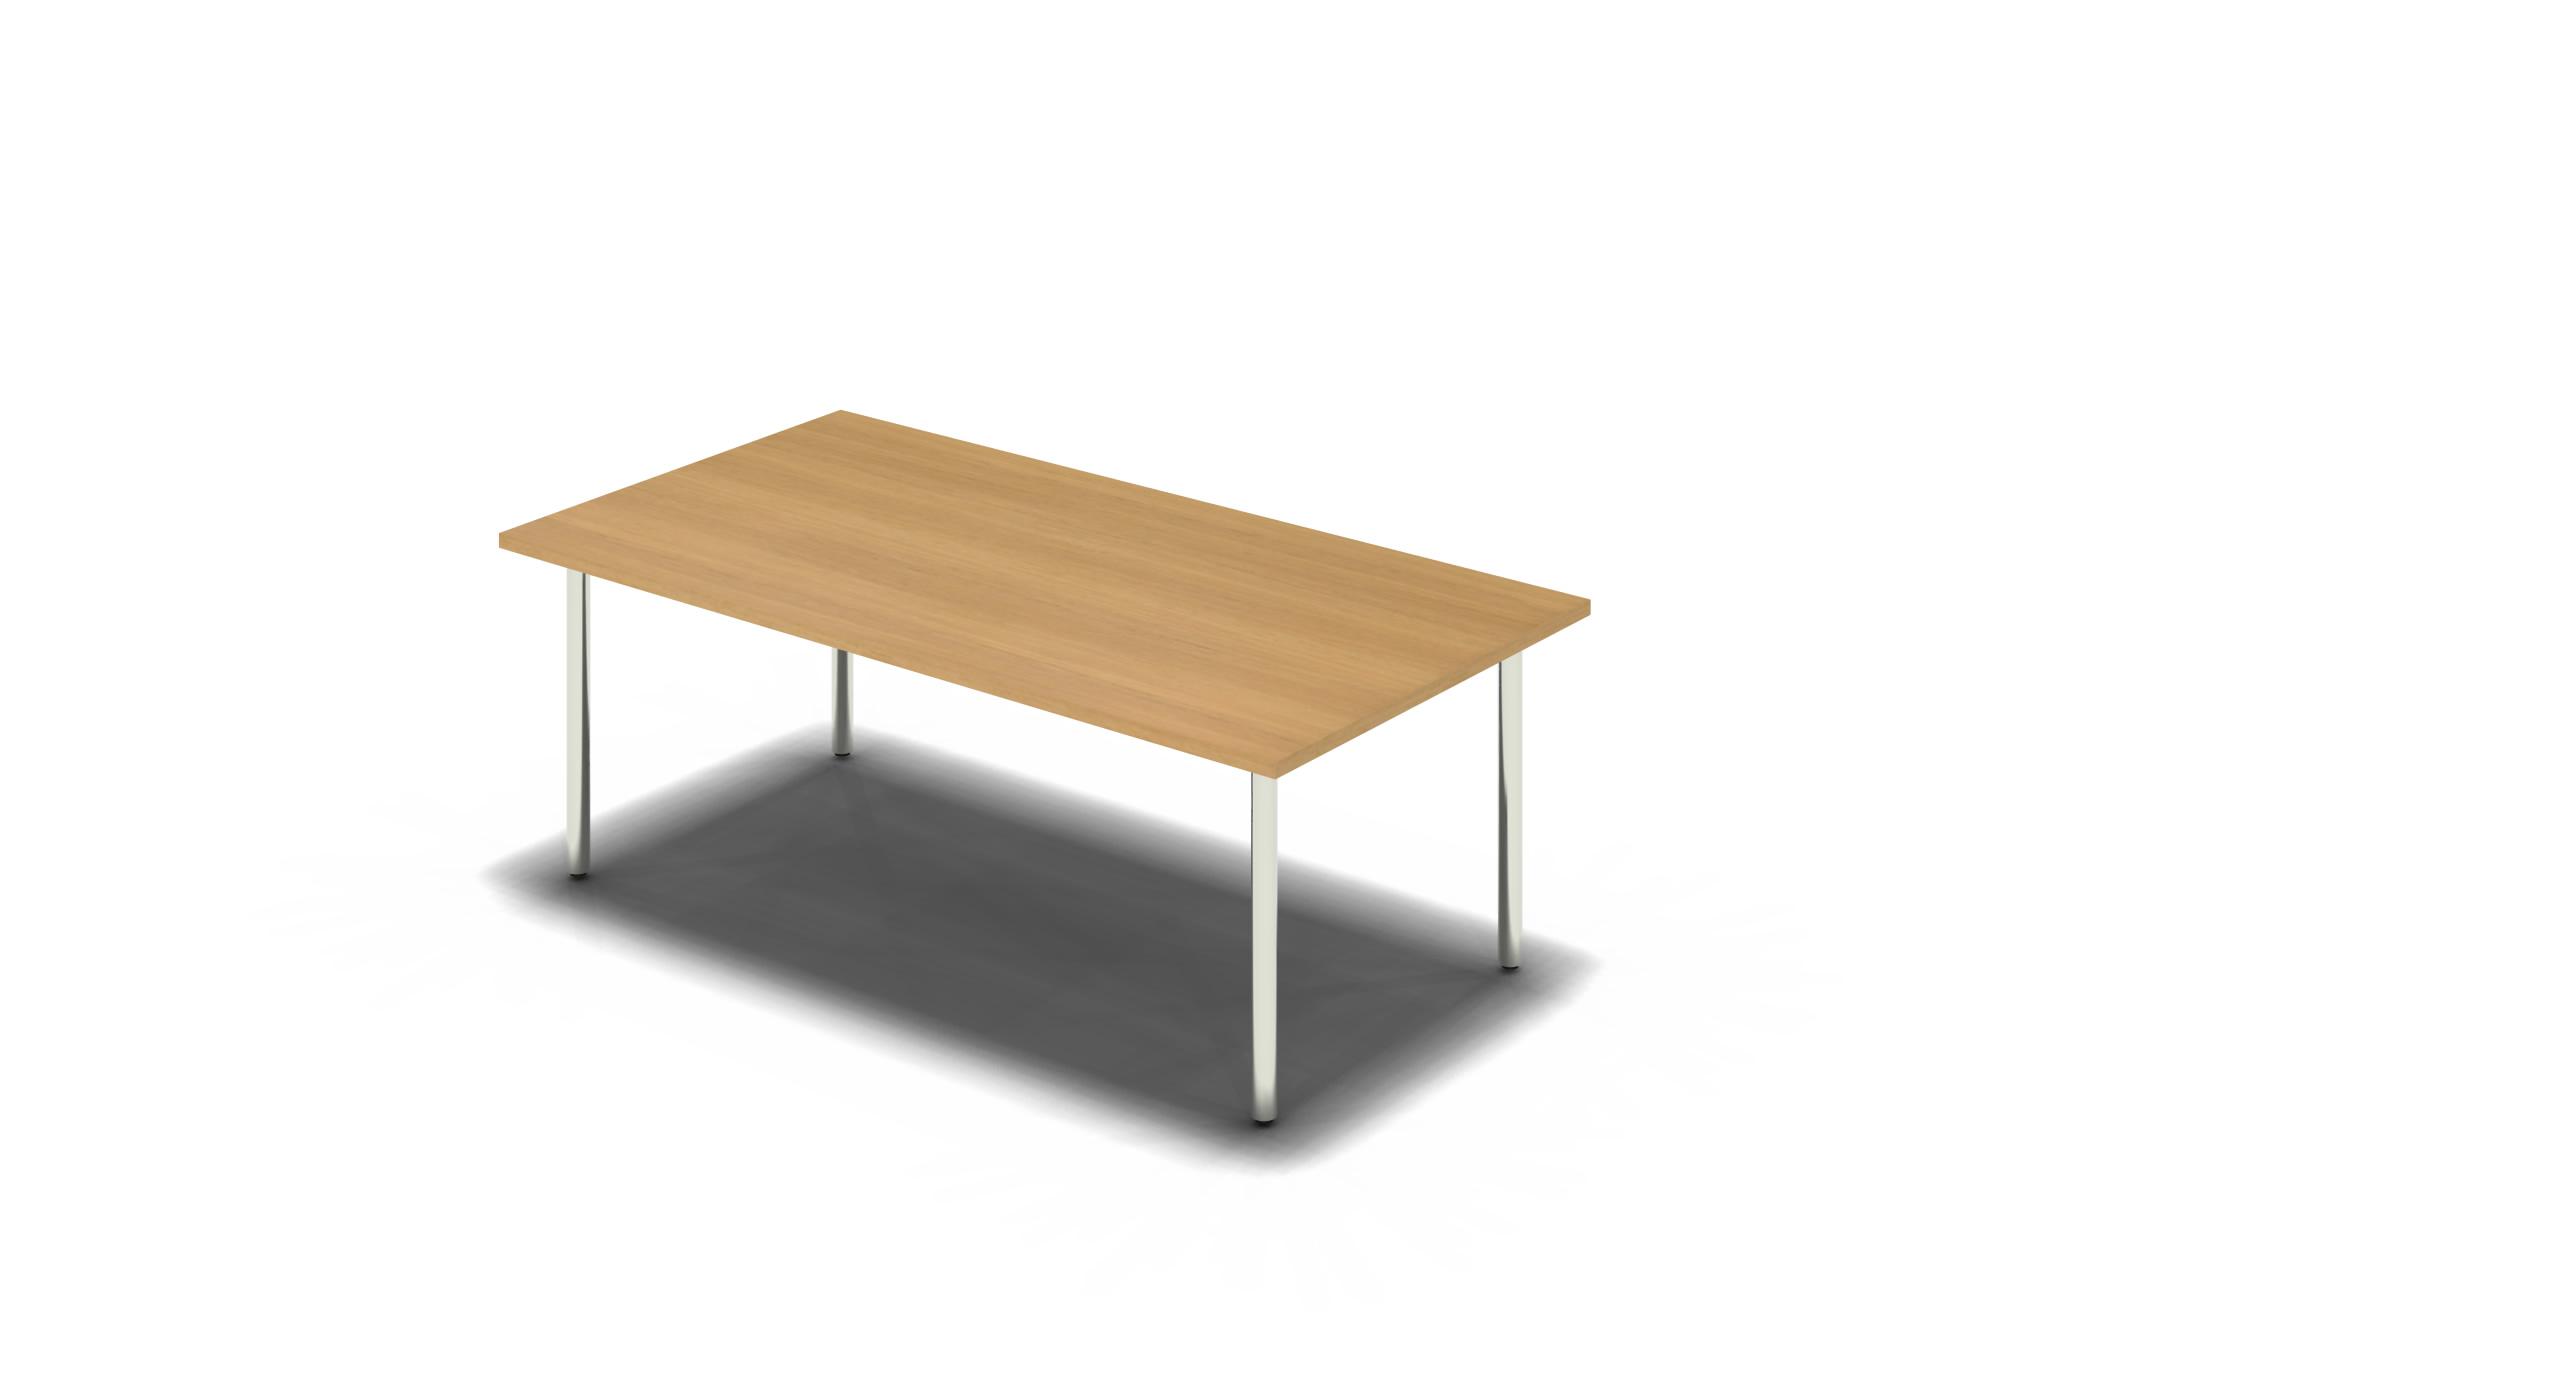 Table_Round_1800x900_Chrome_Oak_noOption